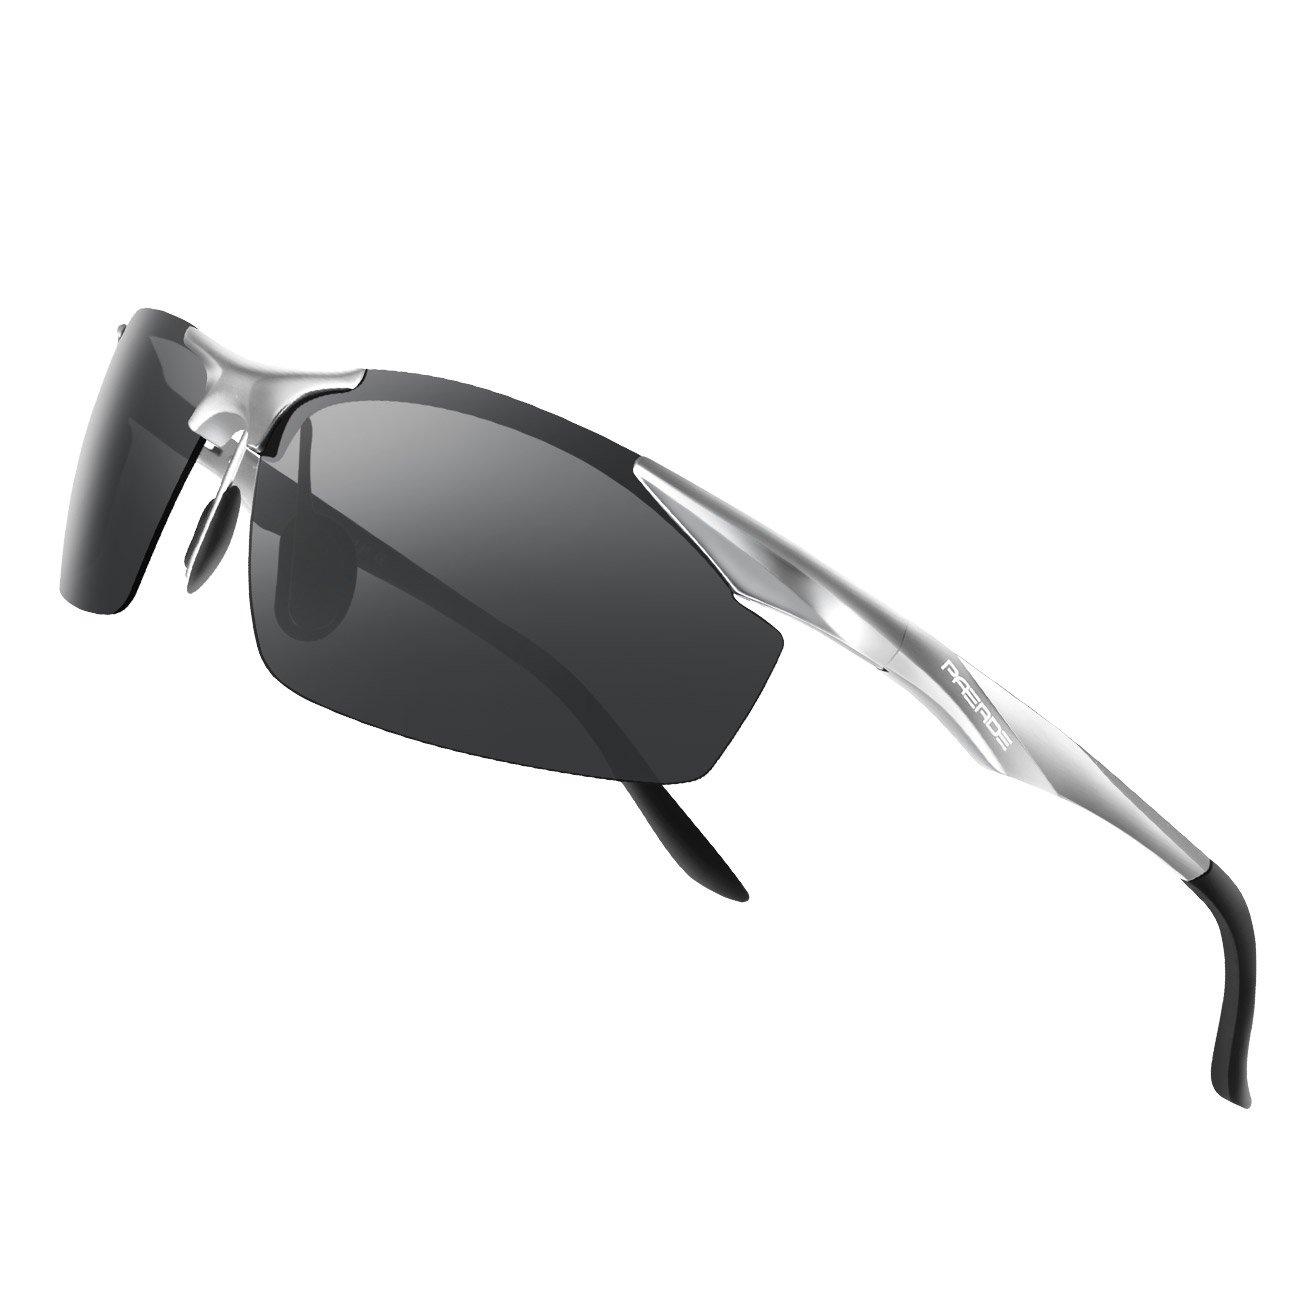 PAERDE Mens Sports Polarized Sunglasses for Men Lightweight Glasses